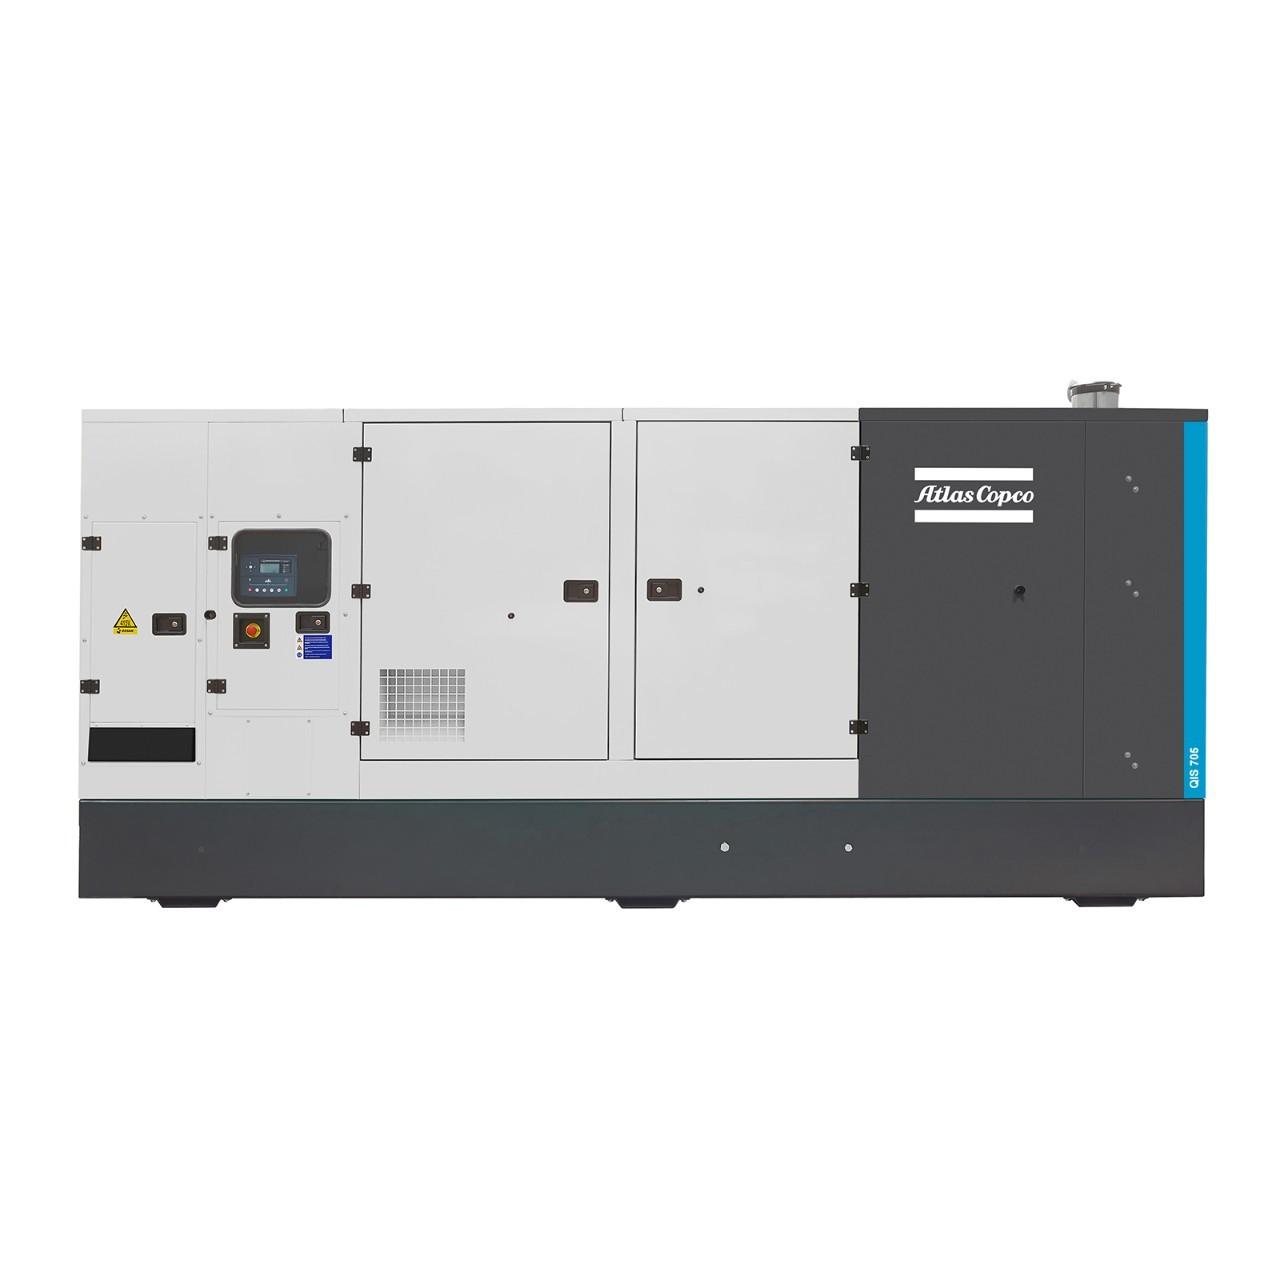 Дизельный генератор Atlas Copco QIS 705 с АВР